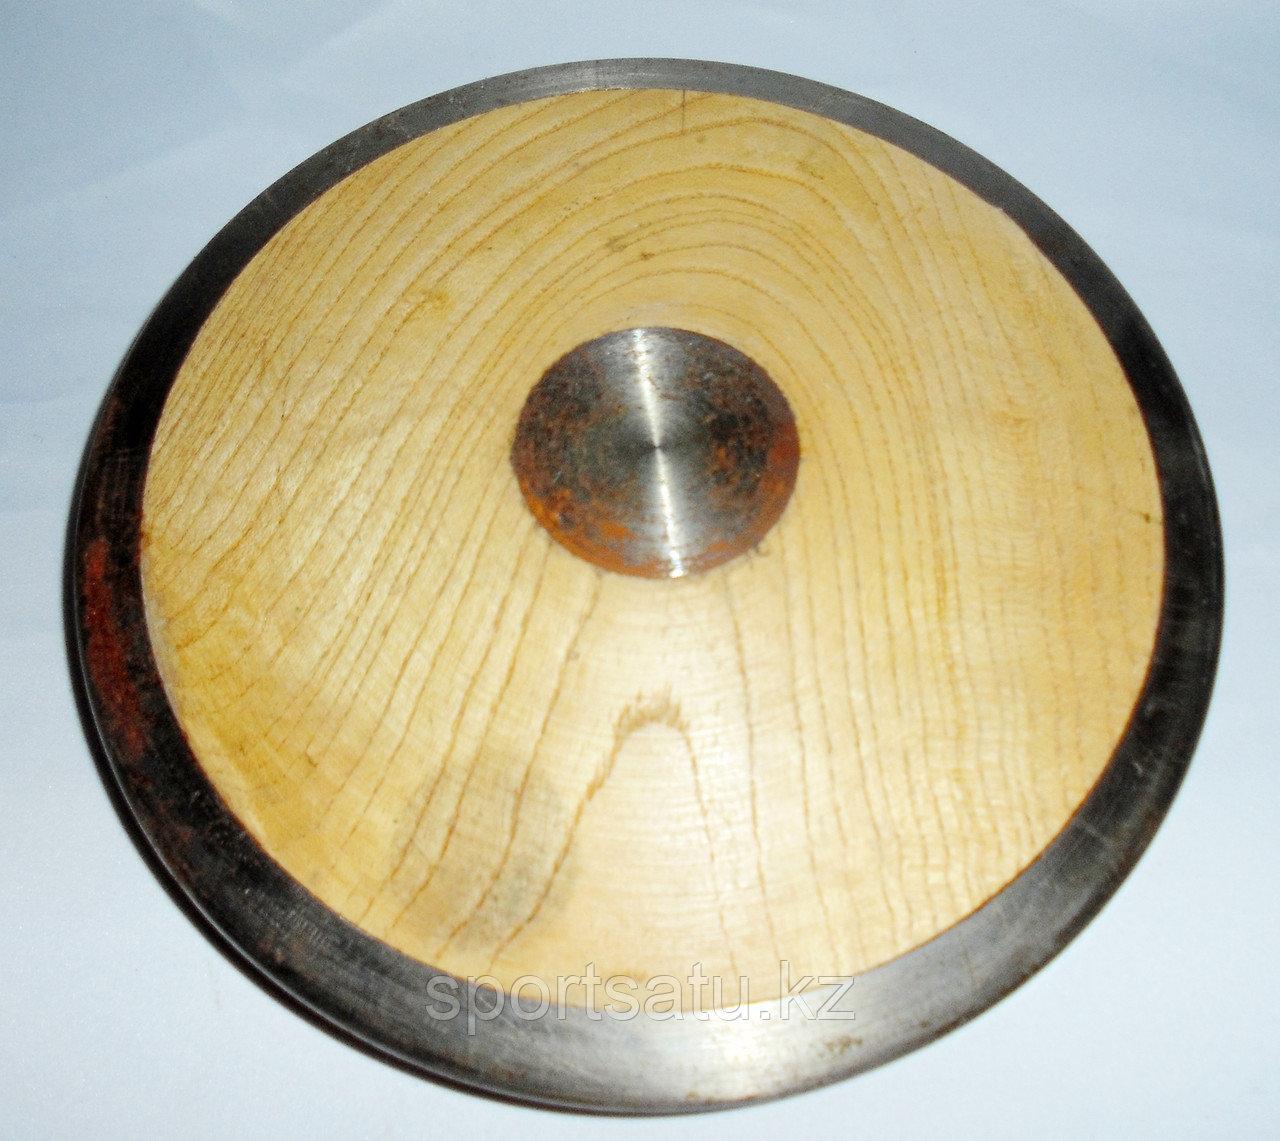 Спортивный диск металлический для метания 2 кг